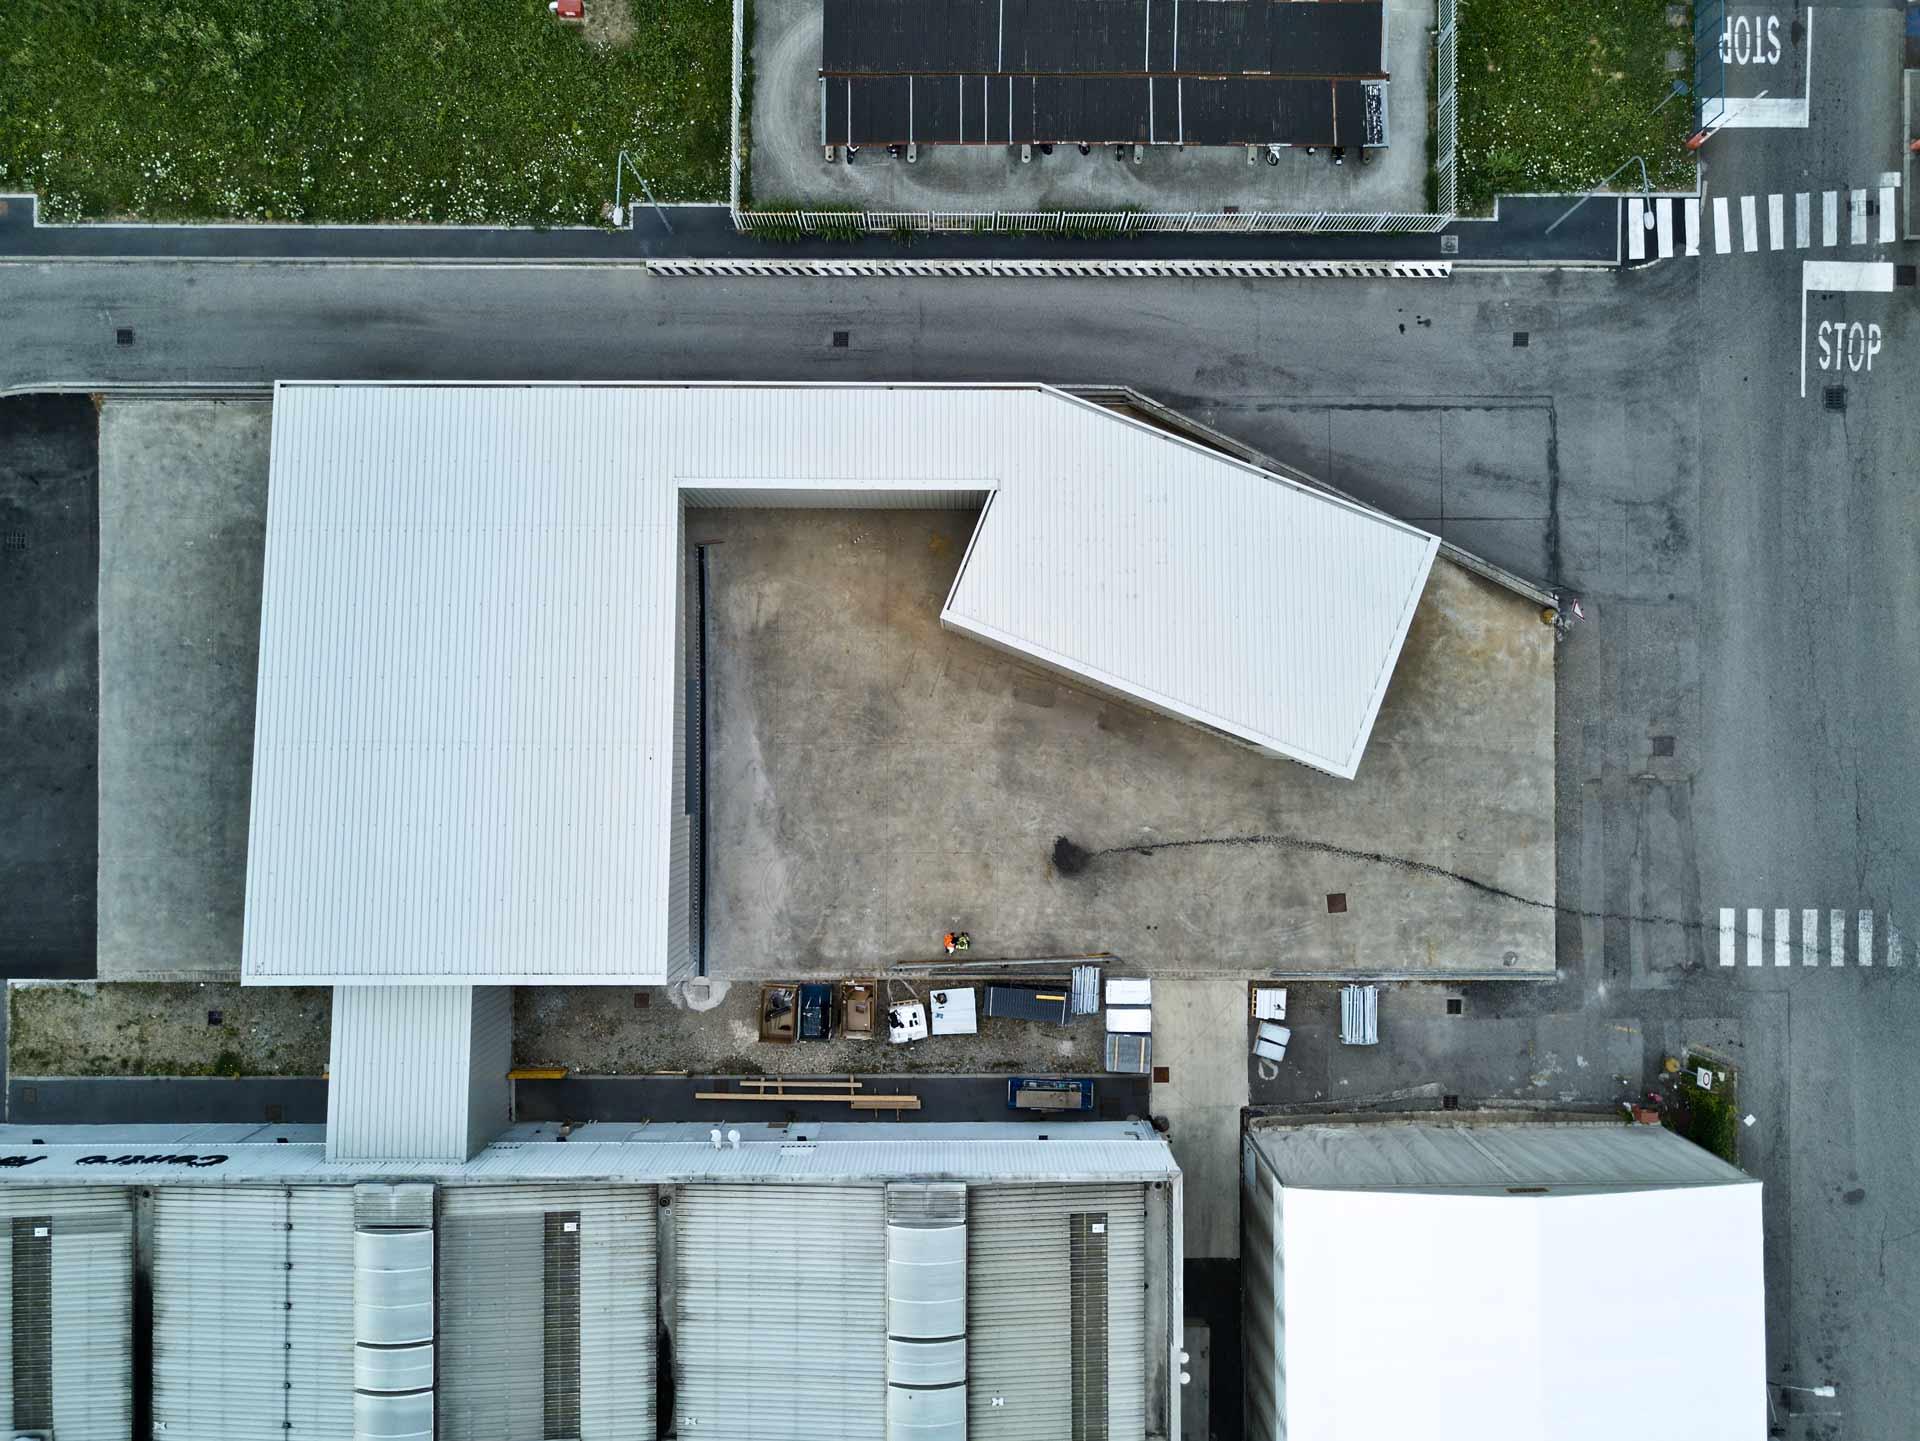 esperienza drone immagine aerea portfolio cantiere architettura milano studio gdmp costruzione magazzino uno 1.jpg